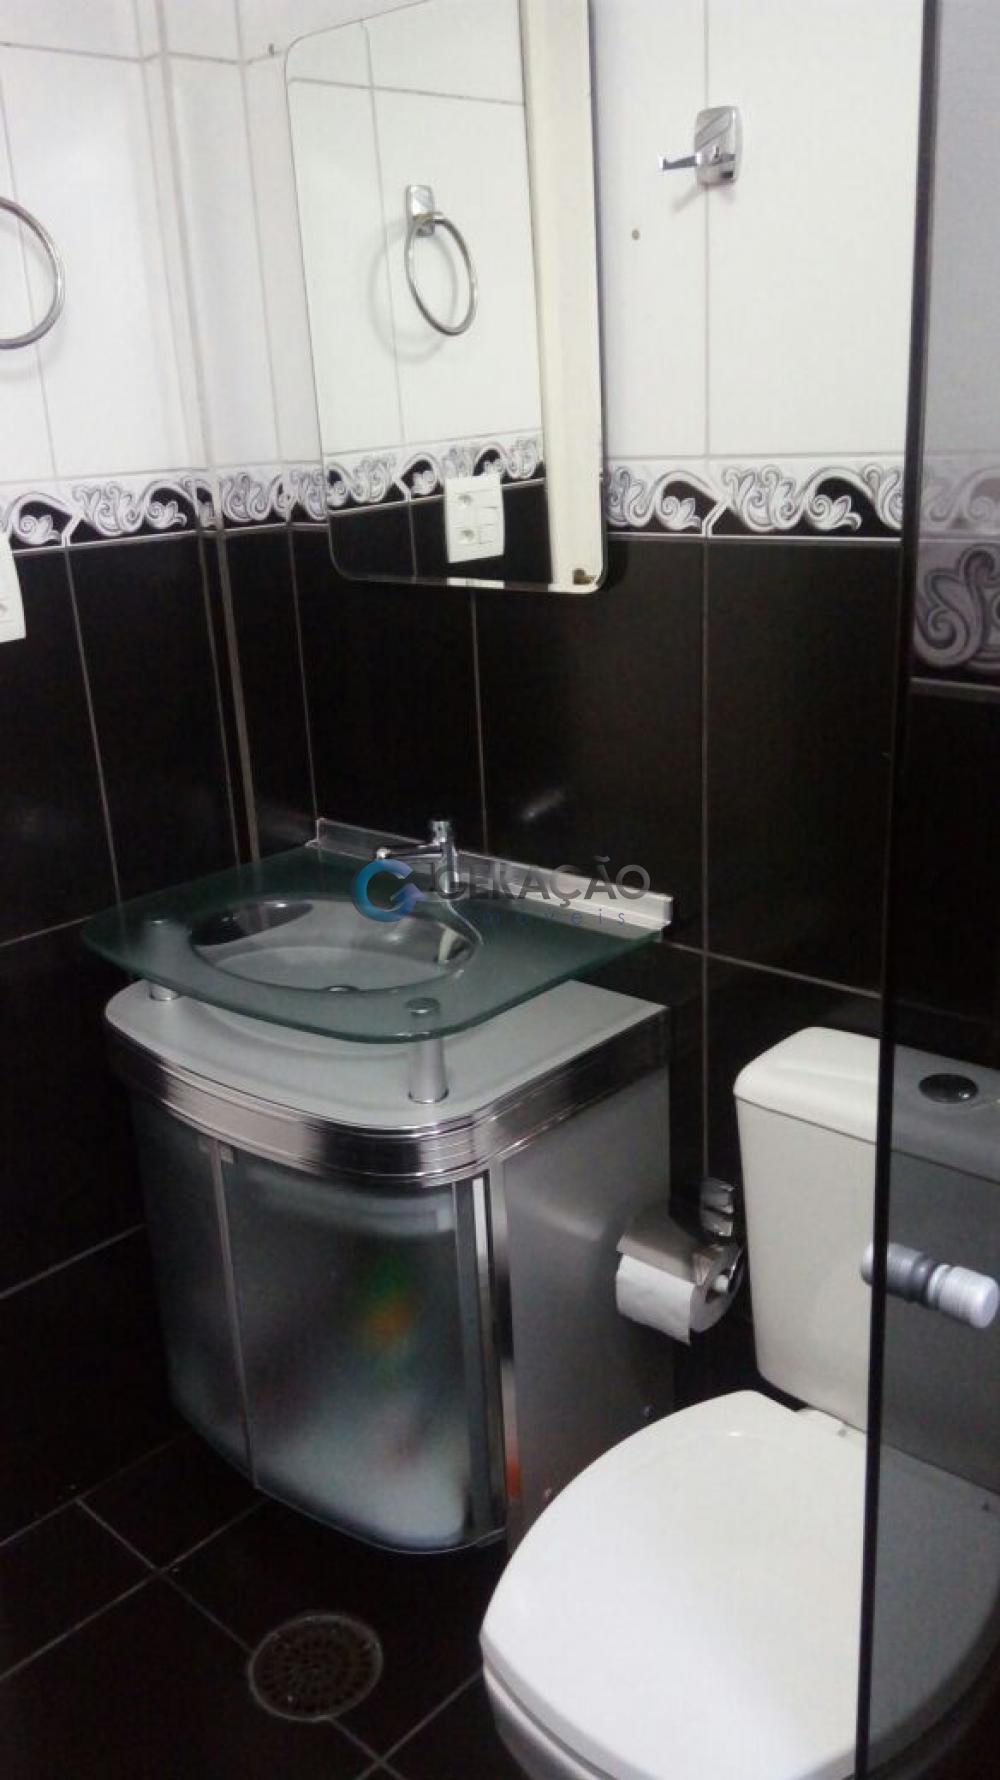 Comprar Apartamento / Padrão em São José dos Campos R$ 185.000,00 - Foto 14